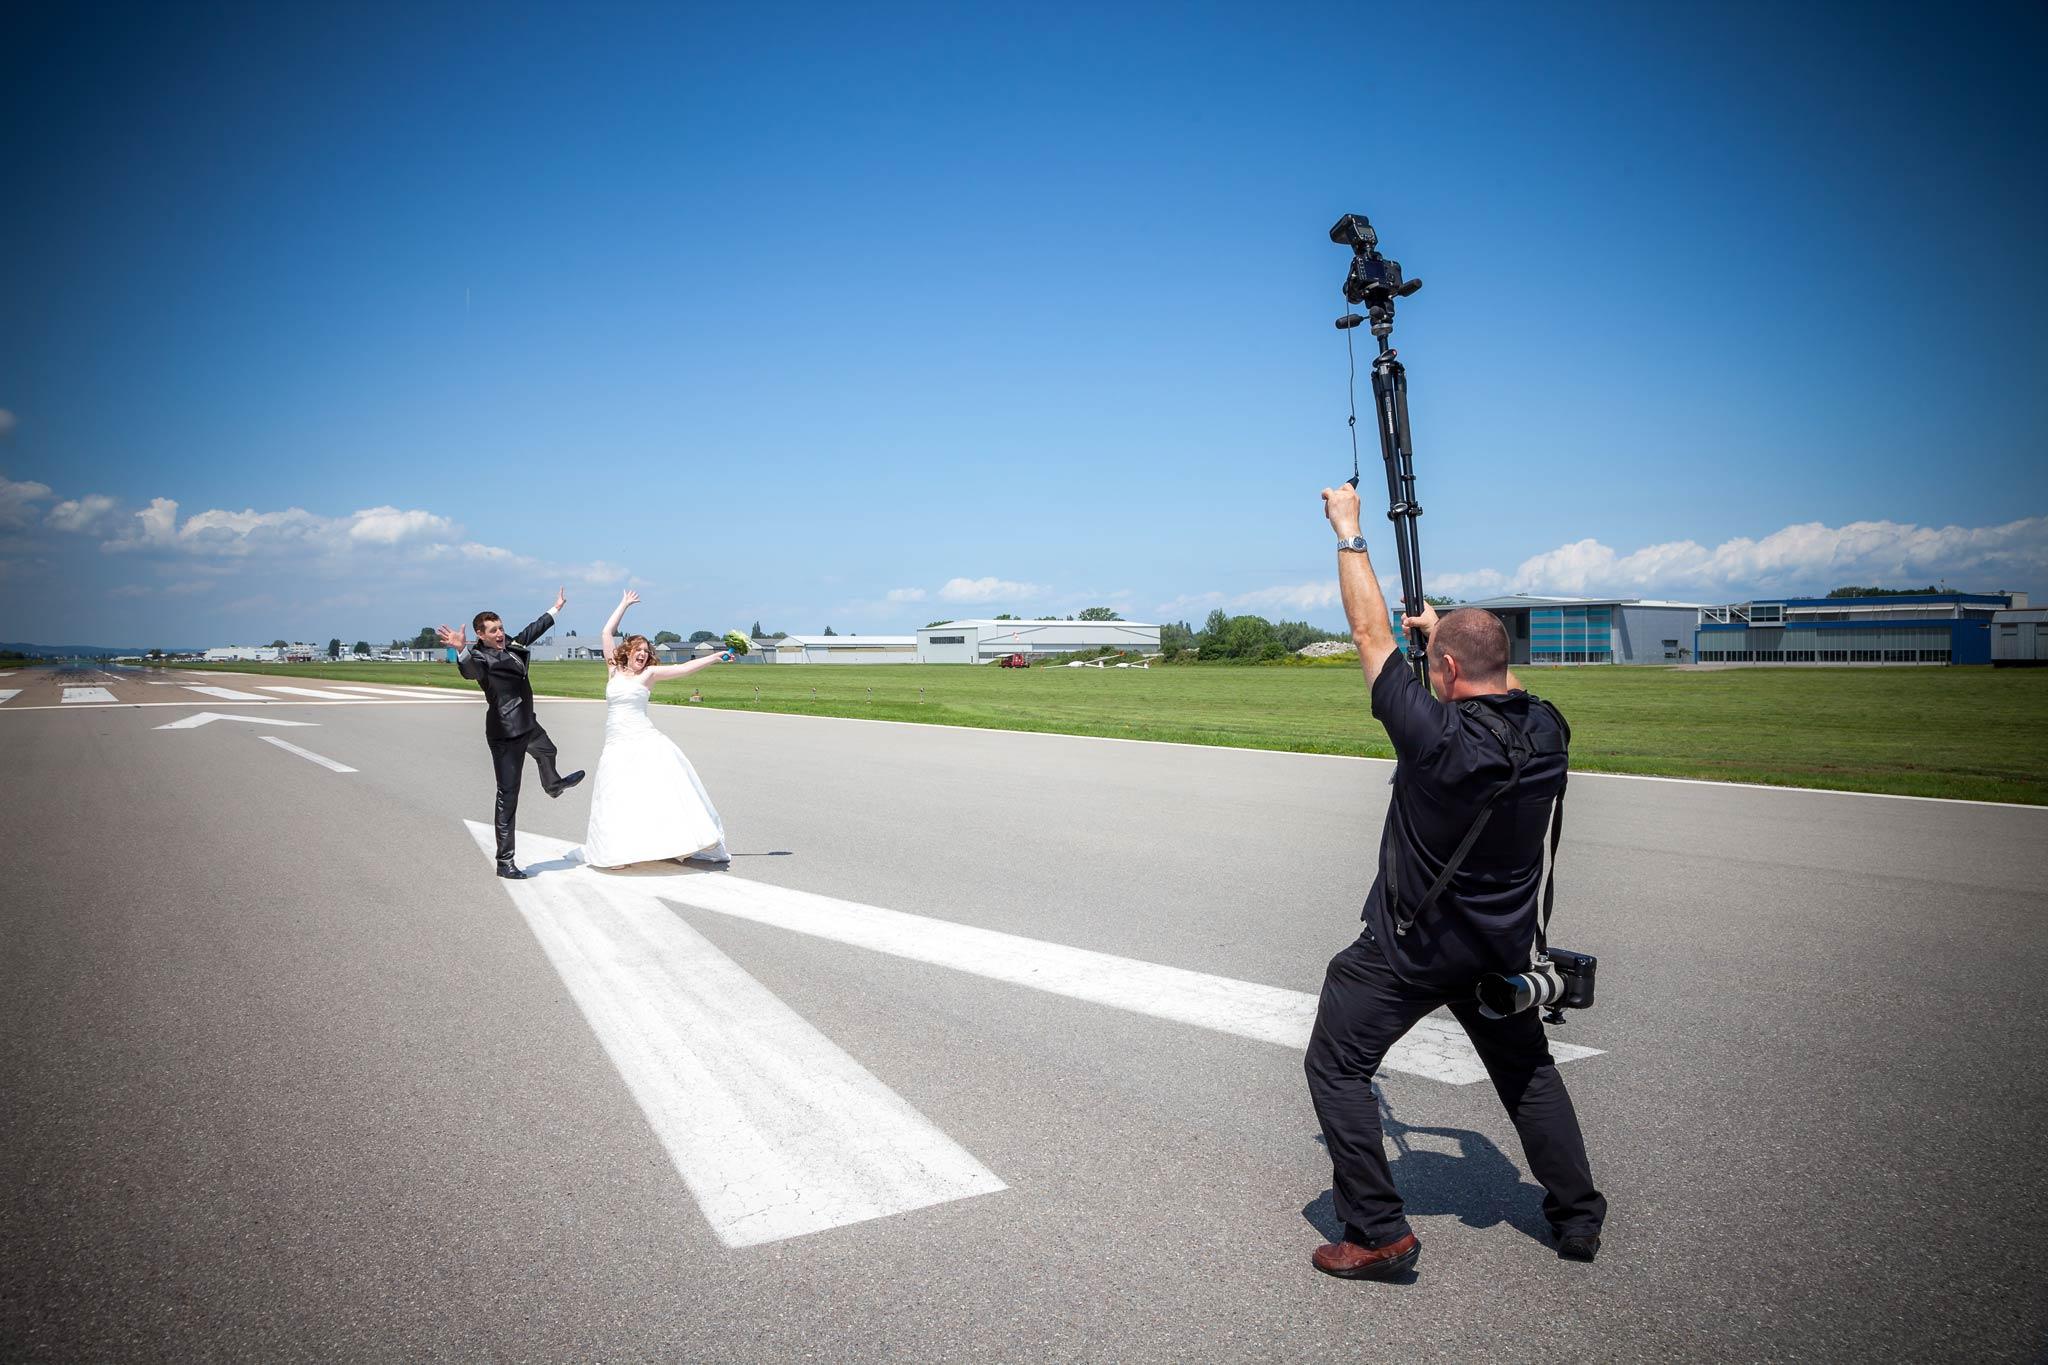 brautpaar landepiste flughafen hochzeitsfotograf